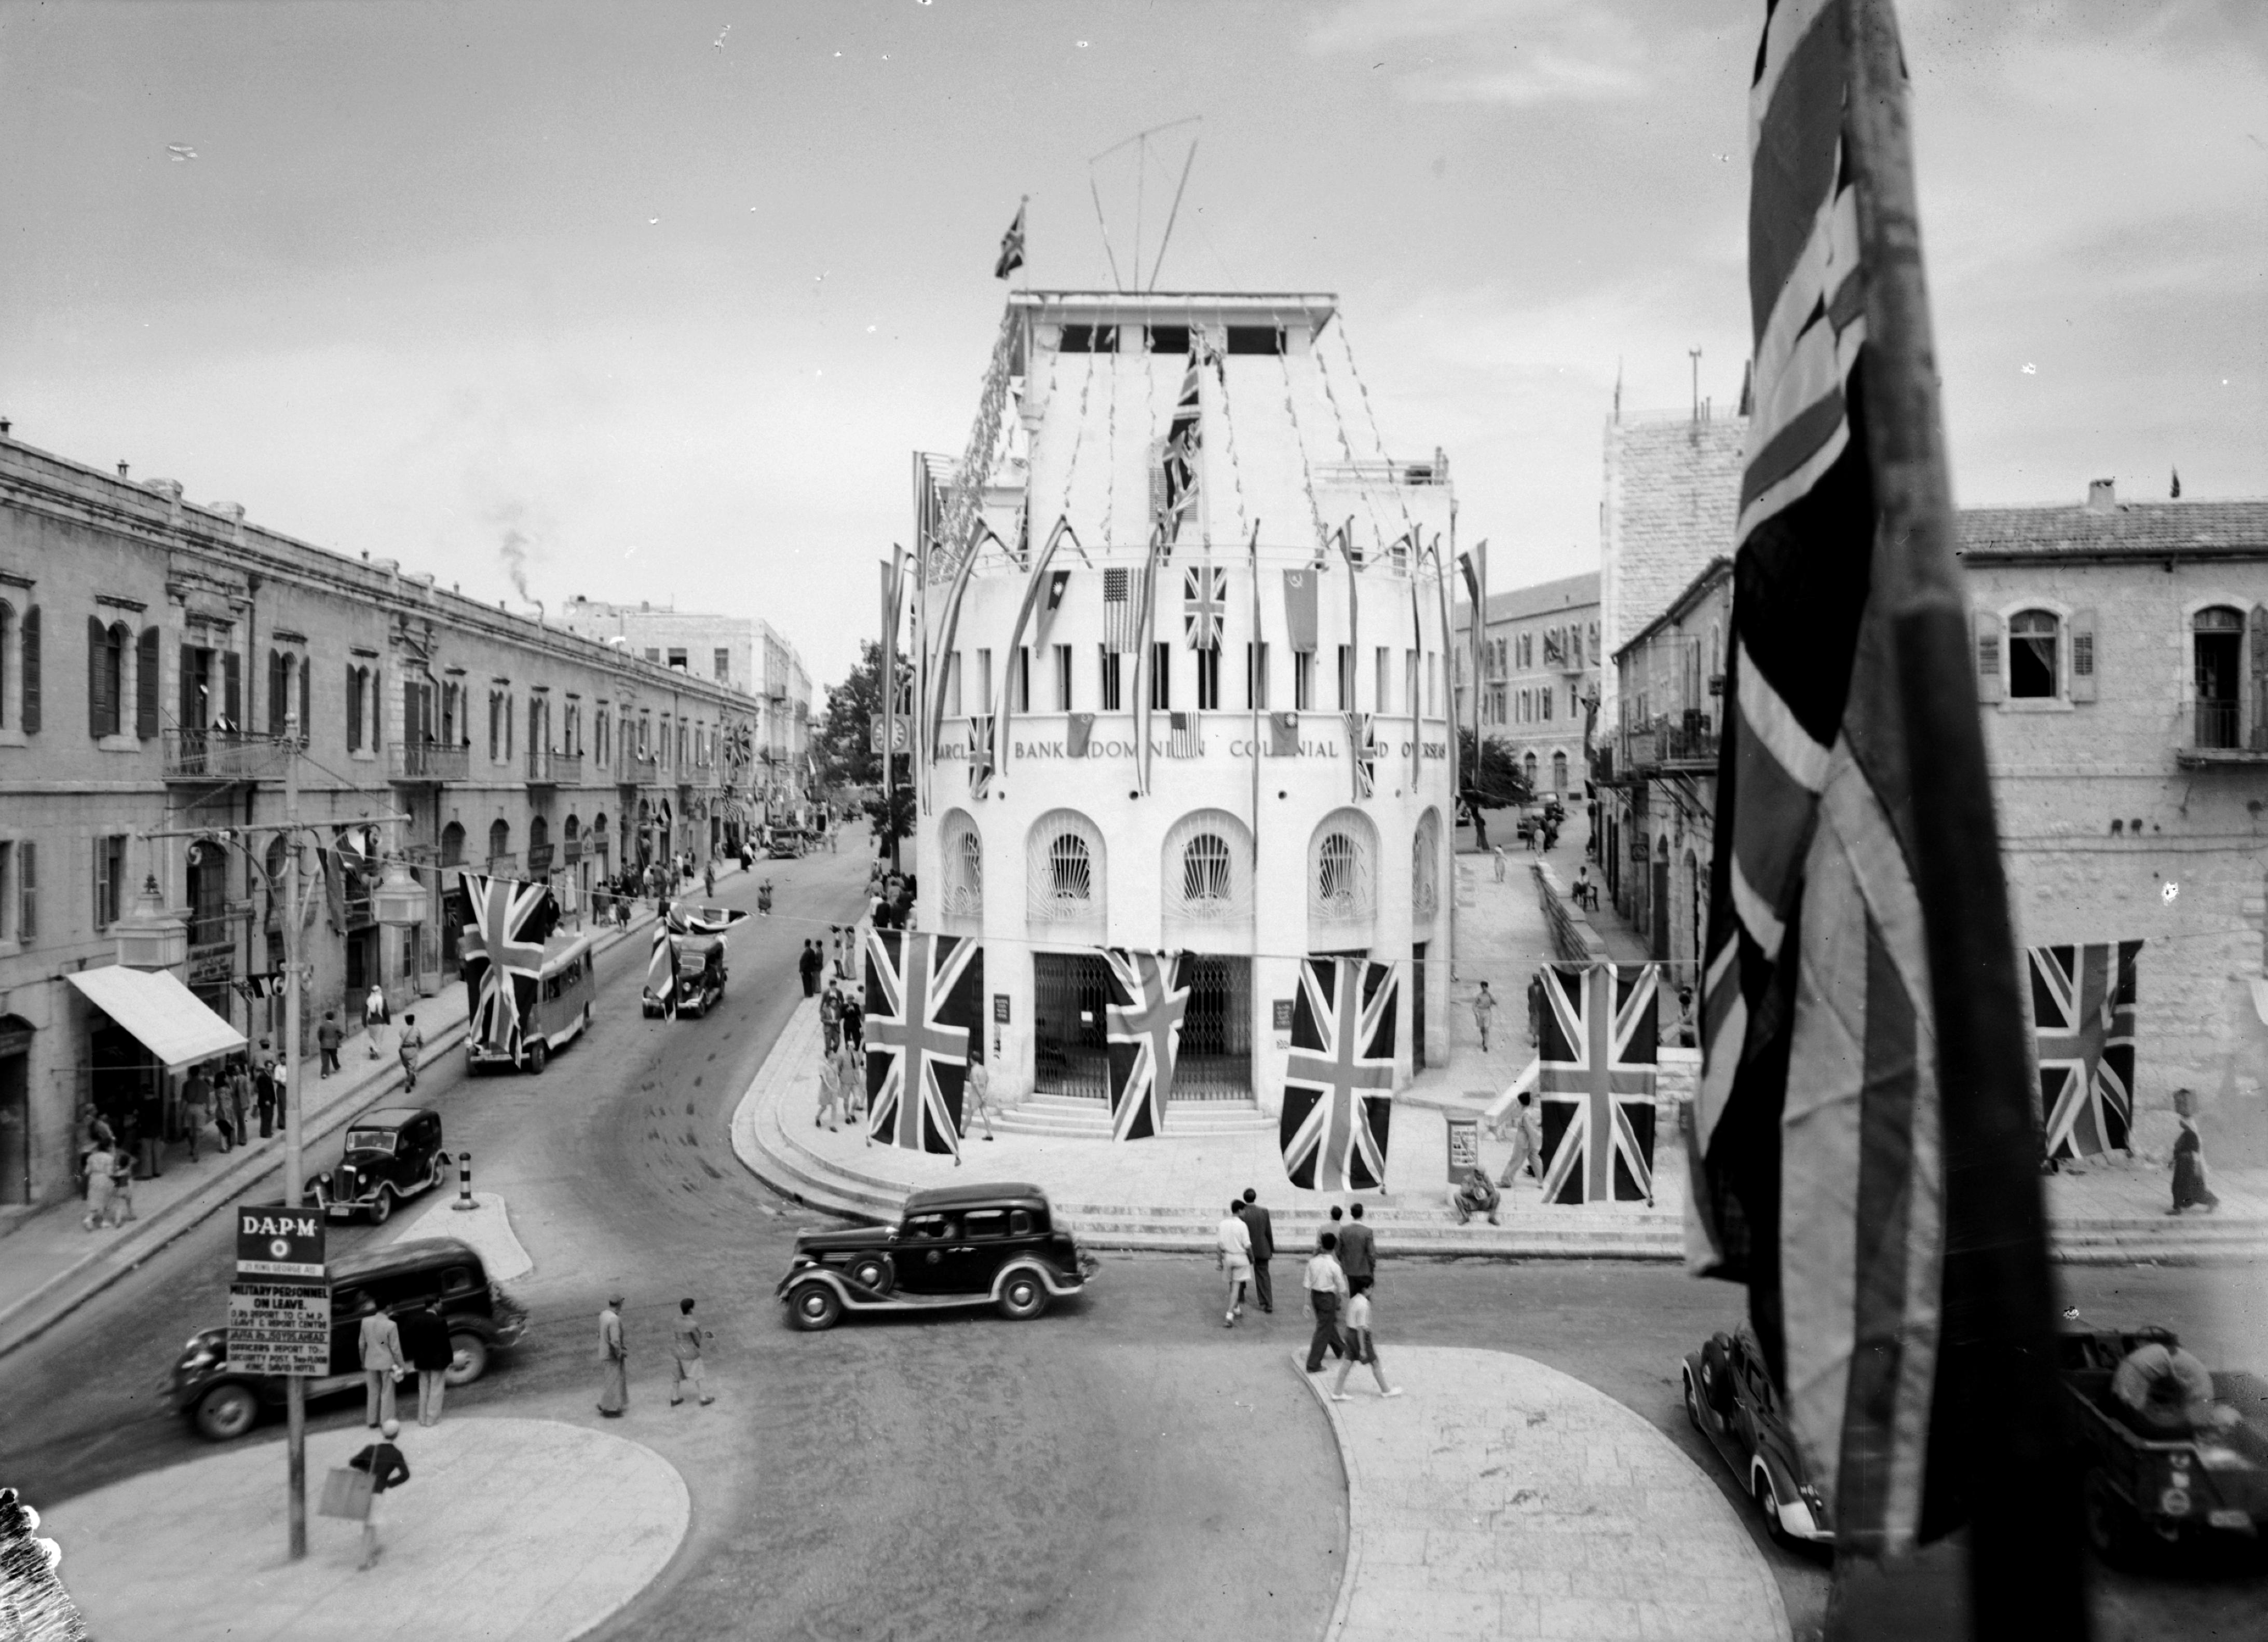 Barclay's Bank in Jerusalem, Palestine, on VE Day, May 8, 1945